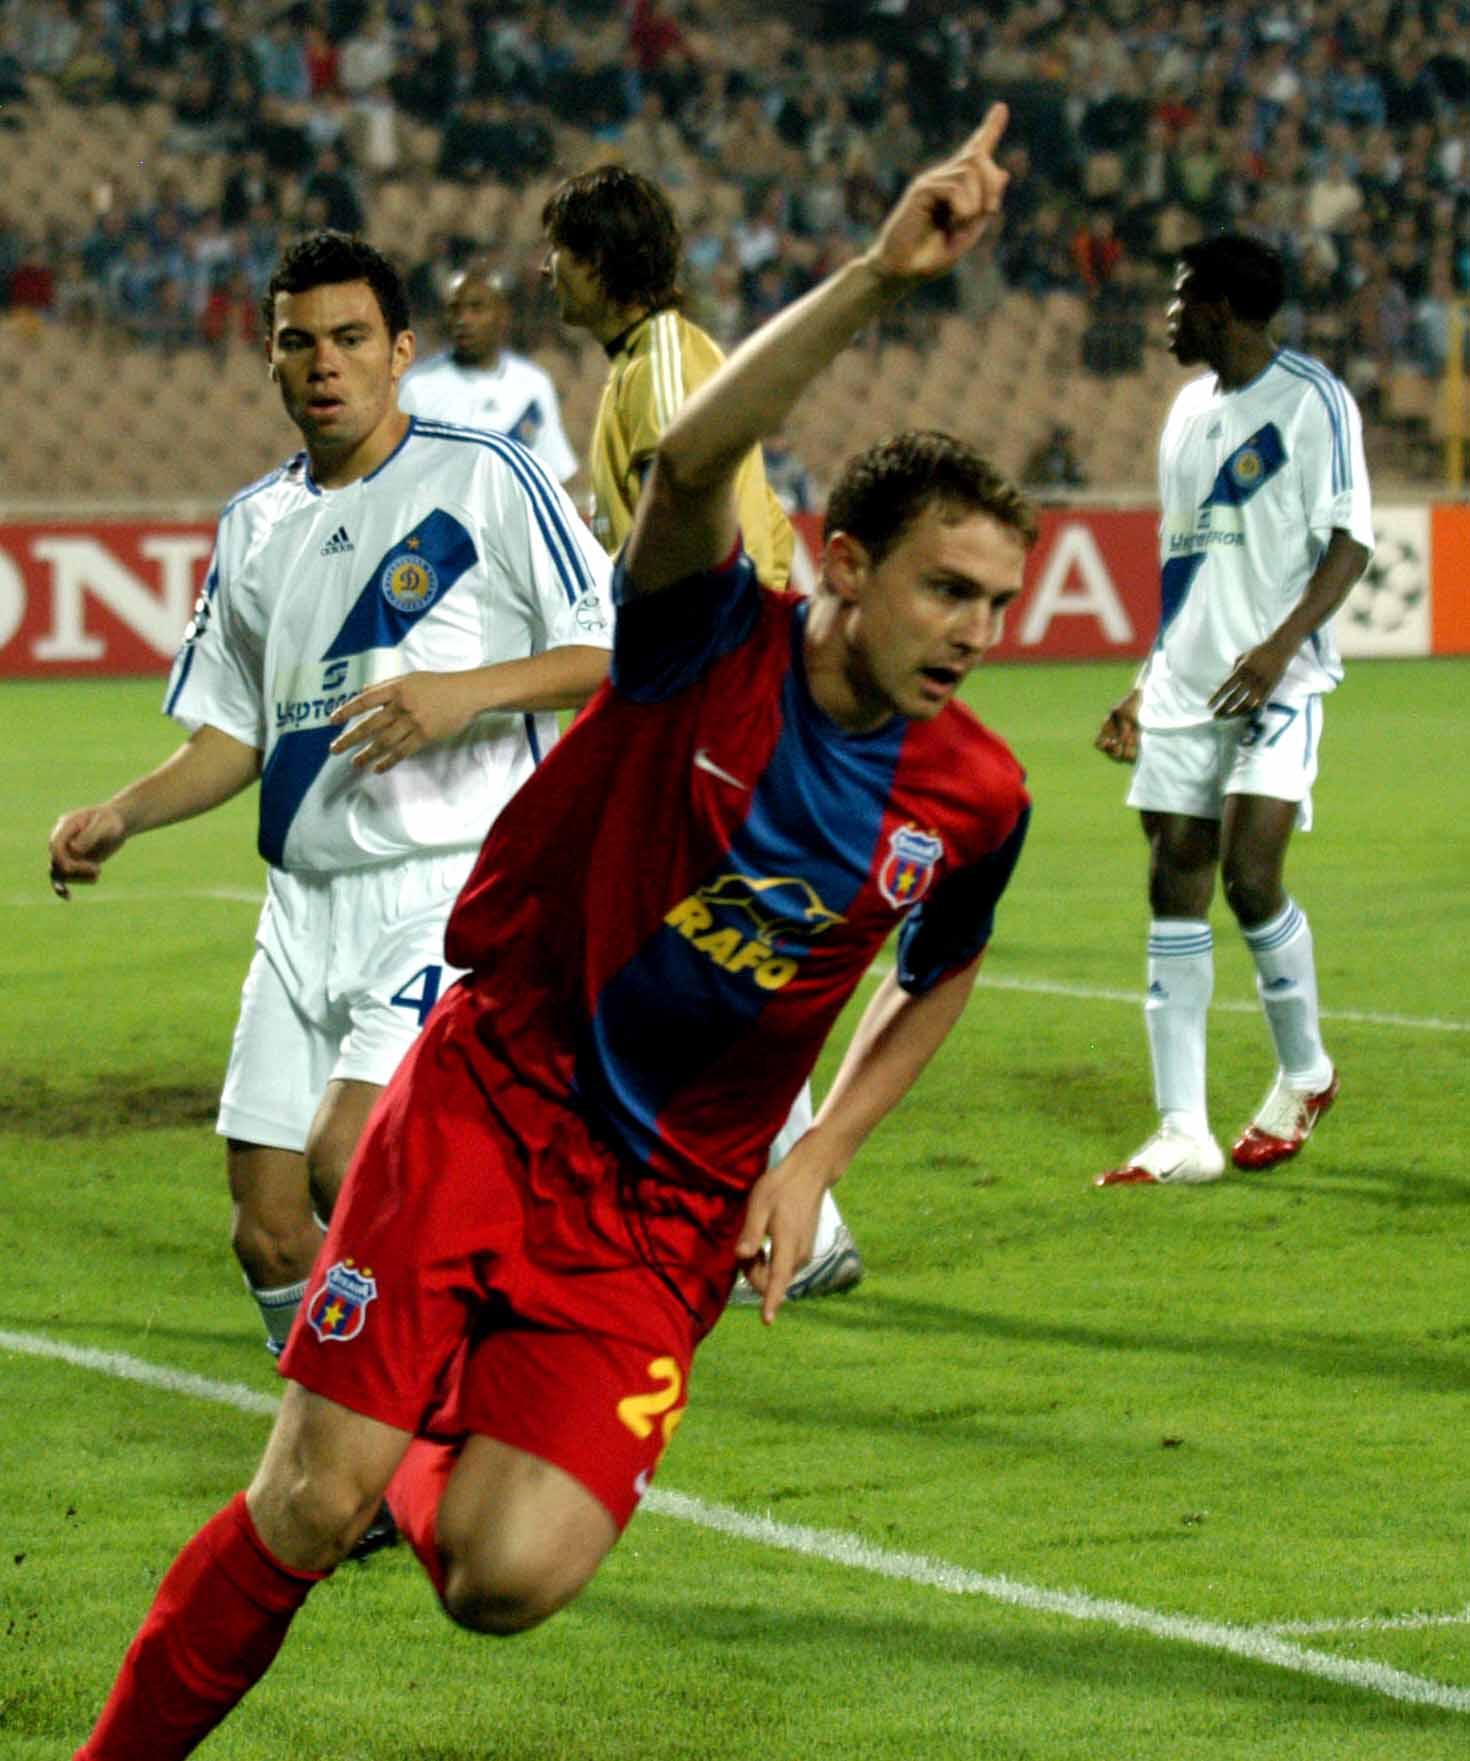 Sorin Ghionea a deschis, la Kiev, drumul spre singura victorie a roș-albaștrilor din ultimii 20 de ani în grupele UEFA Champions League, 4-1 pe terenul celor de la Dynamo Kiev.